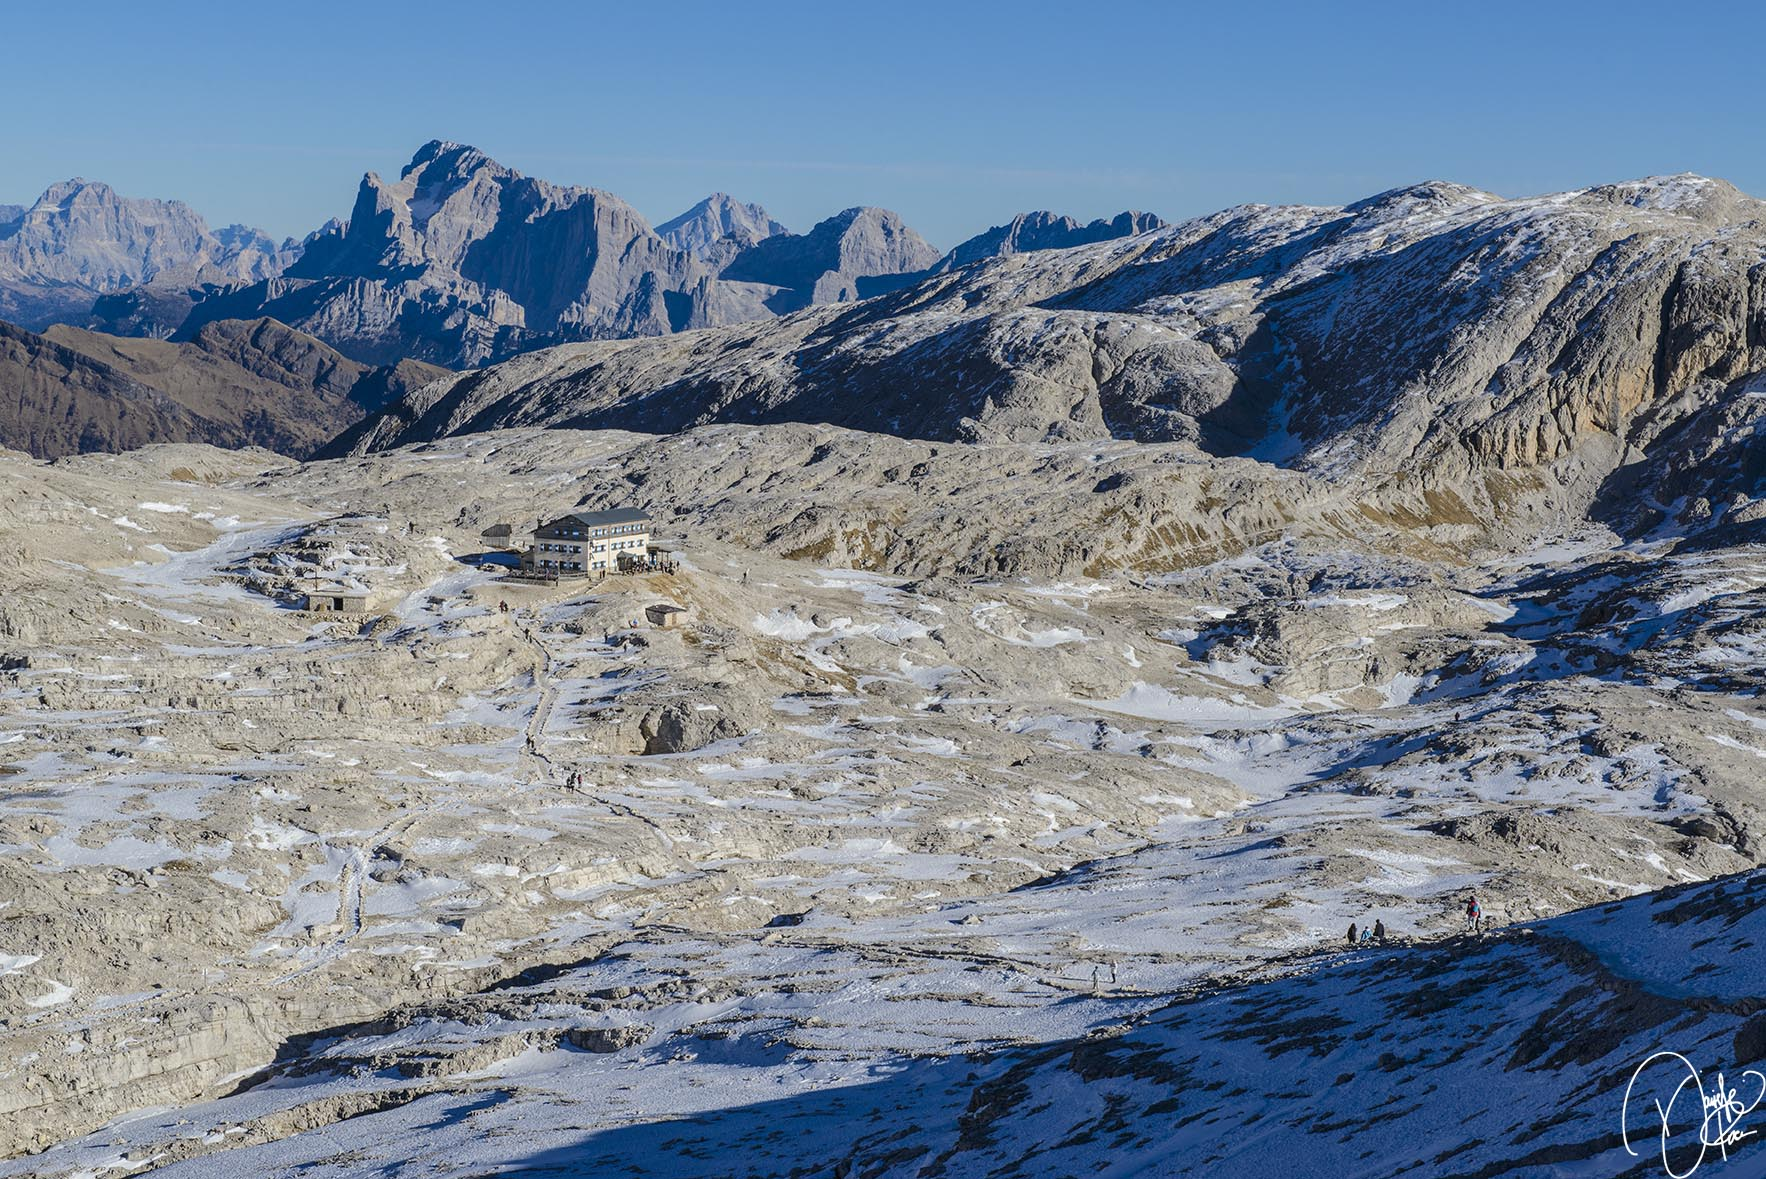 daniele pace - mytravelife - fotografare in viaggio_montagna (4)